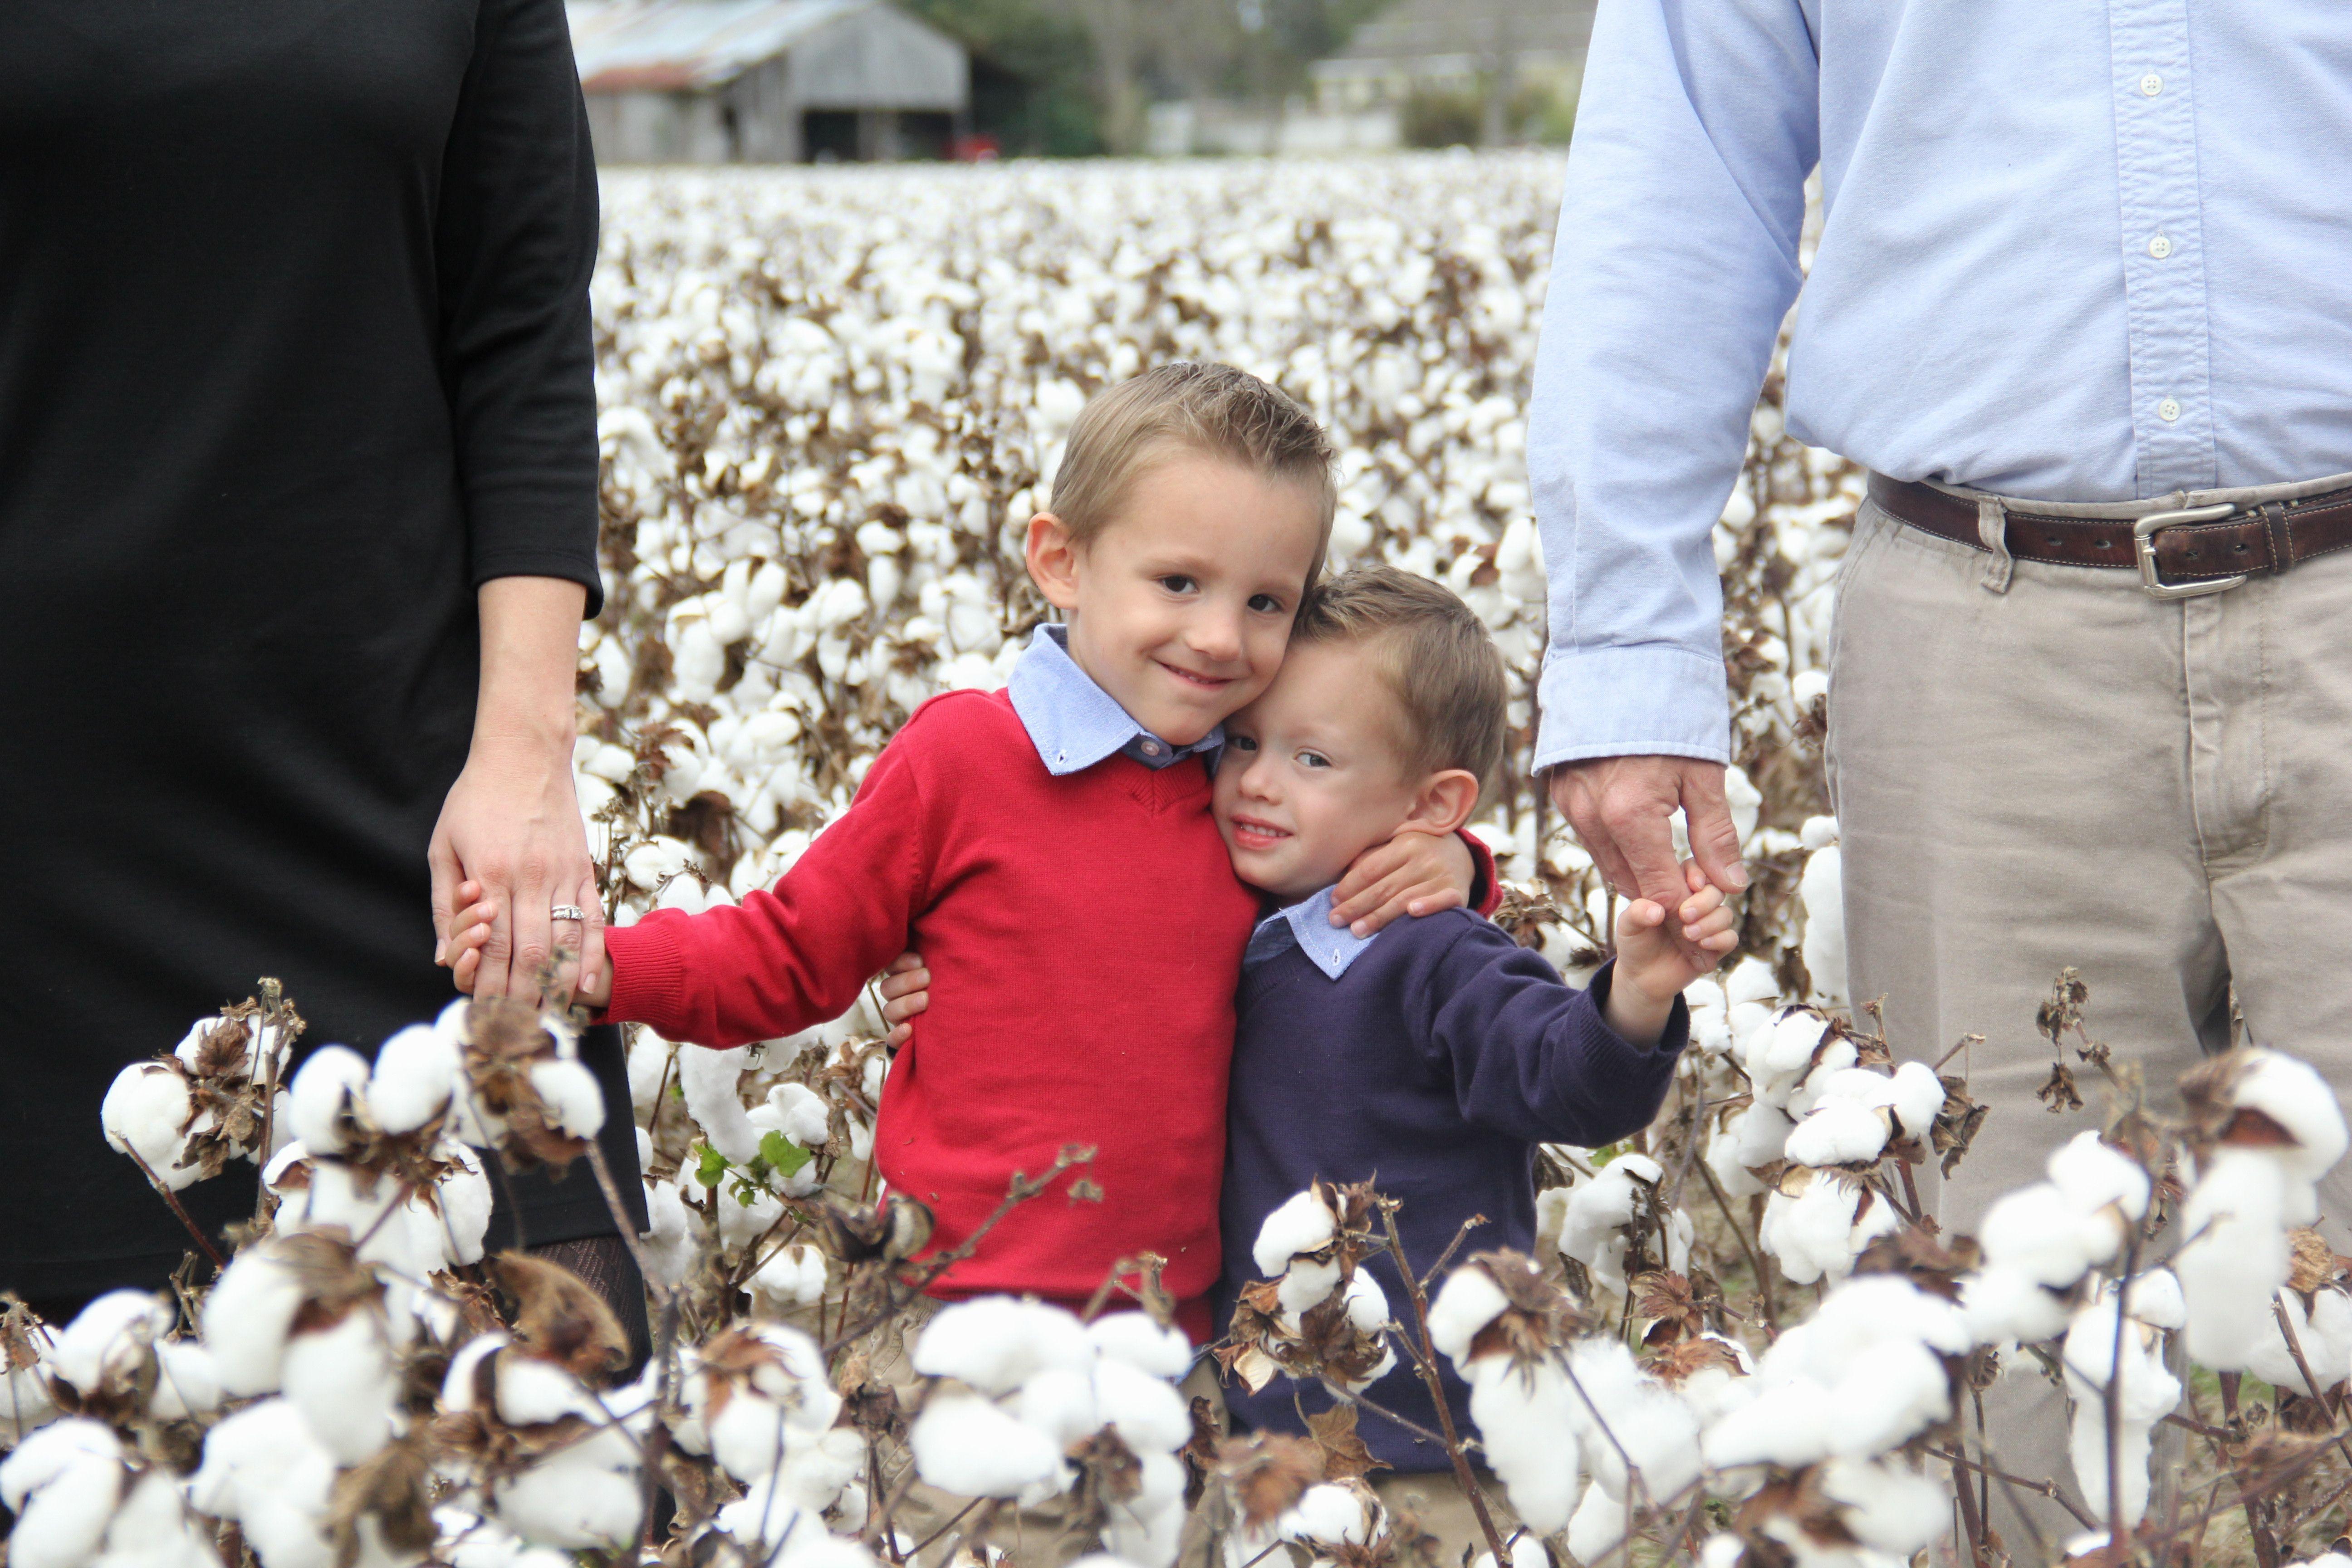 Cotton field family picture | Picture Ideas | Pinterest | Cotton ...